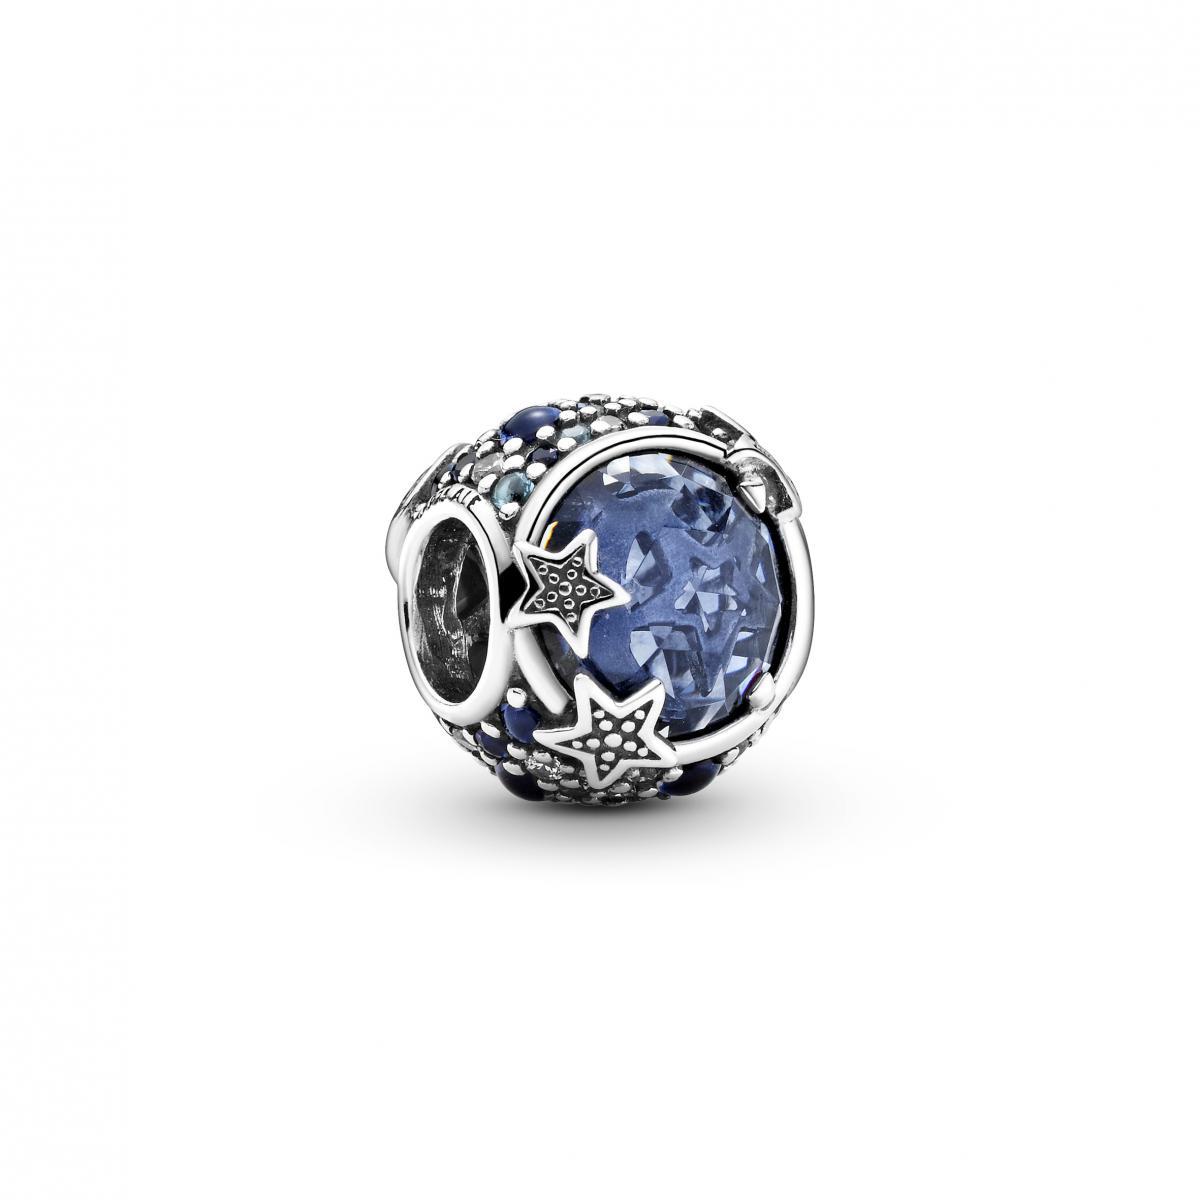 Pandora Pandora Passions 799209C01 Femme